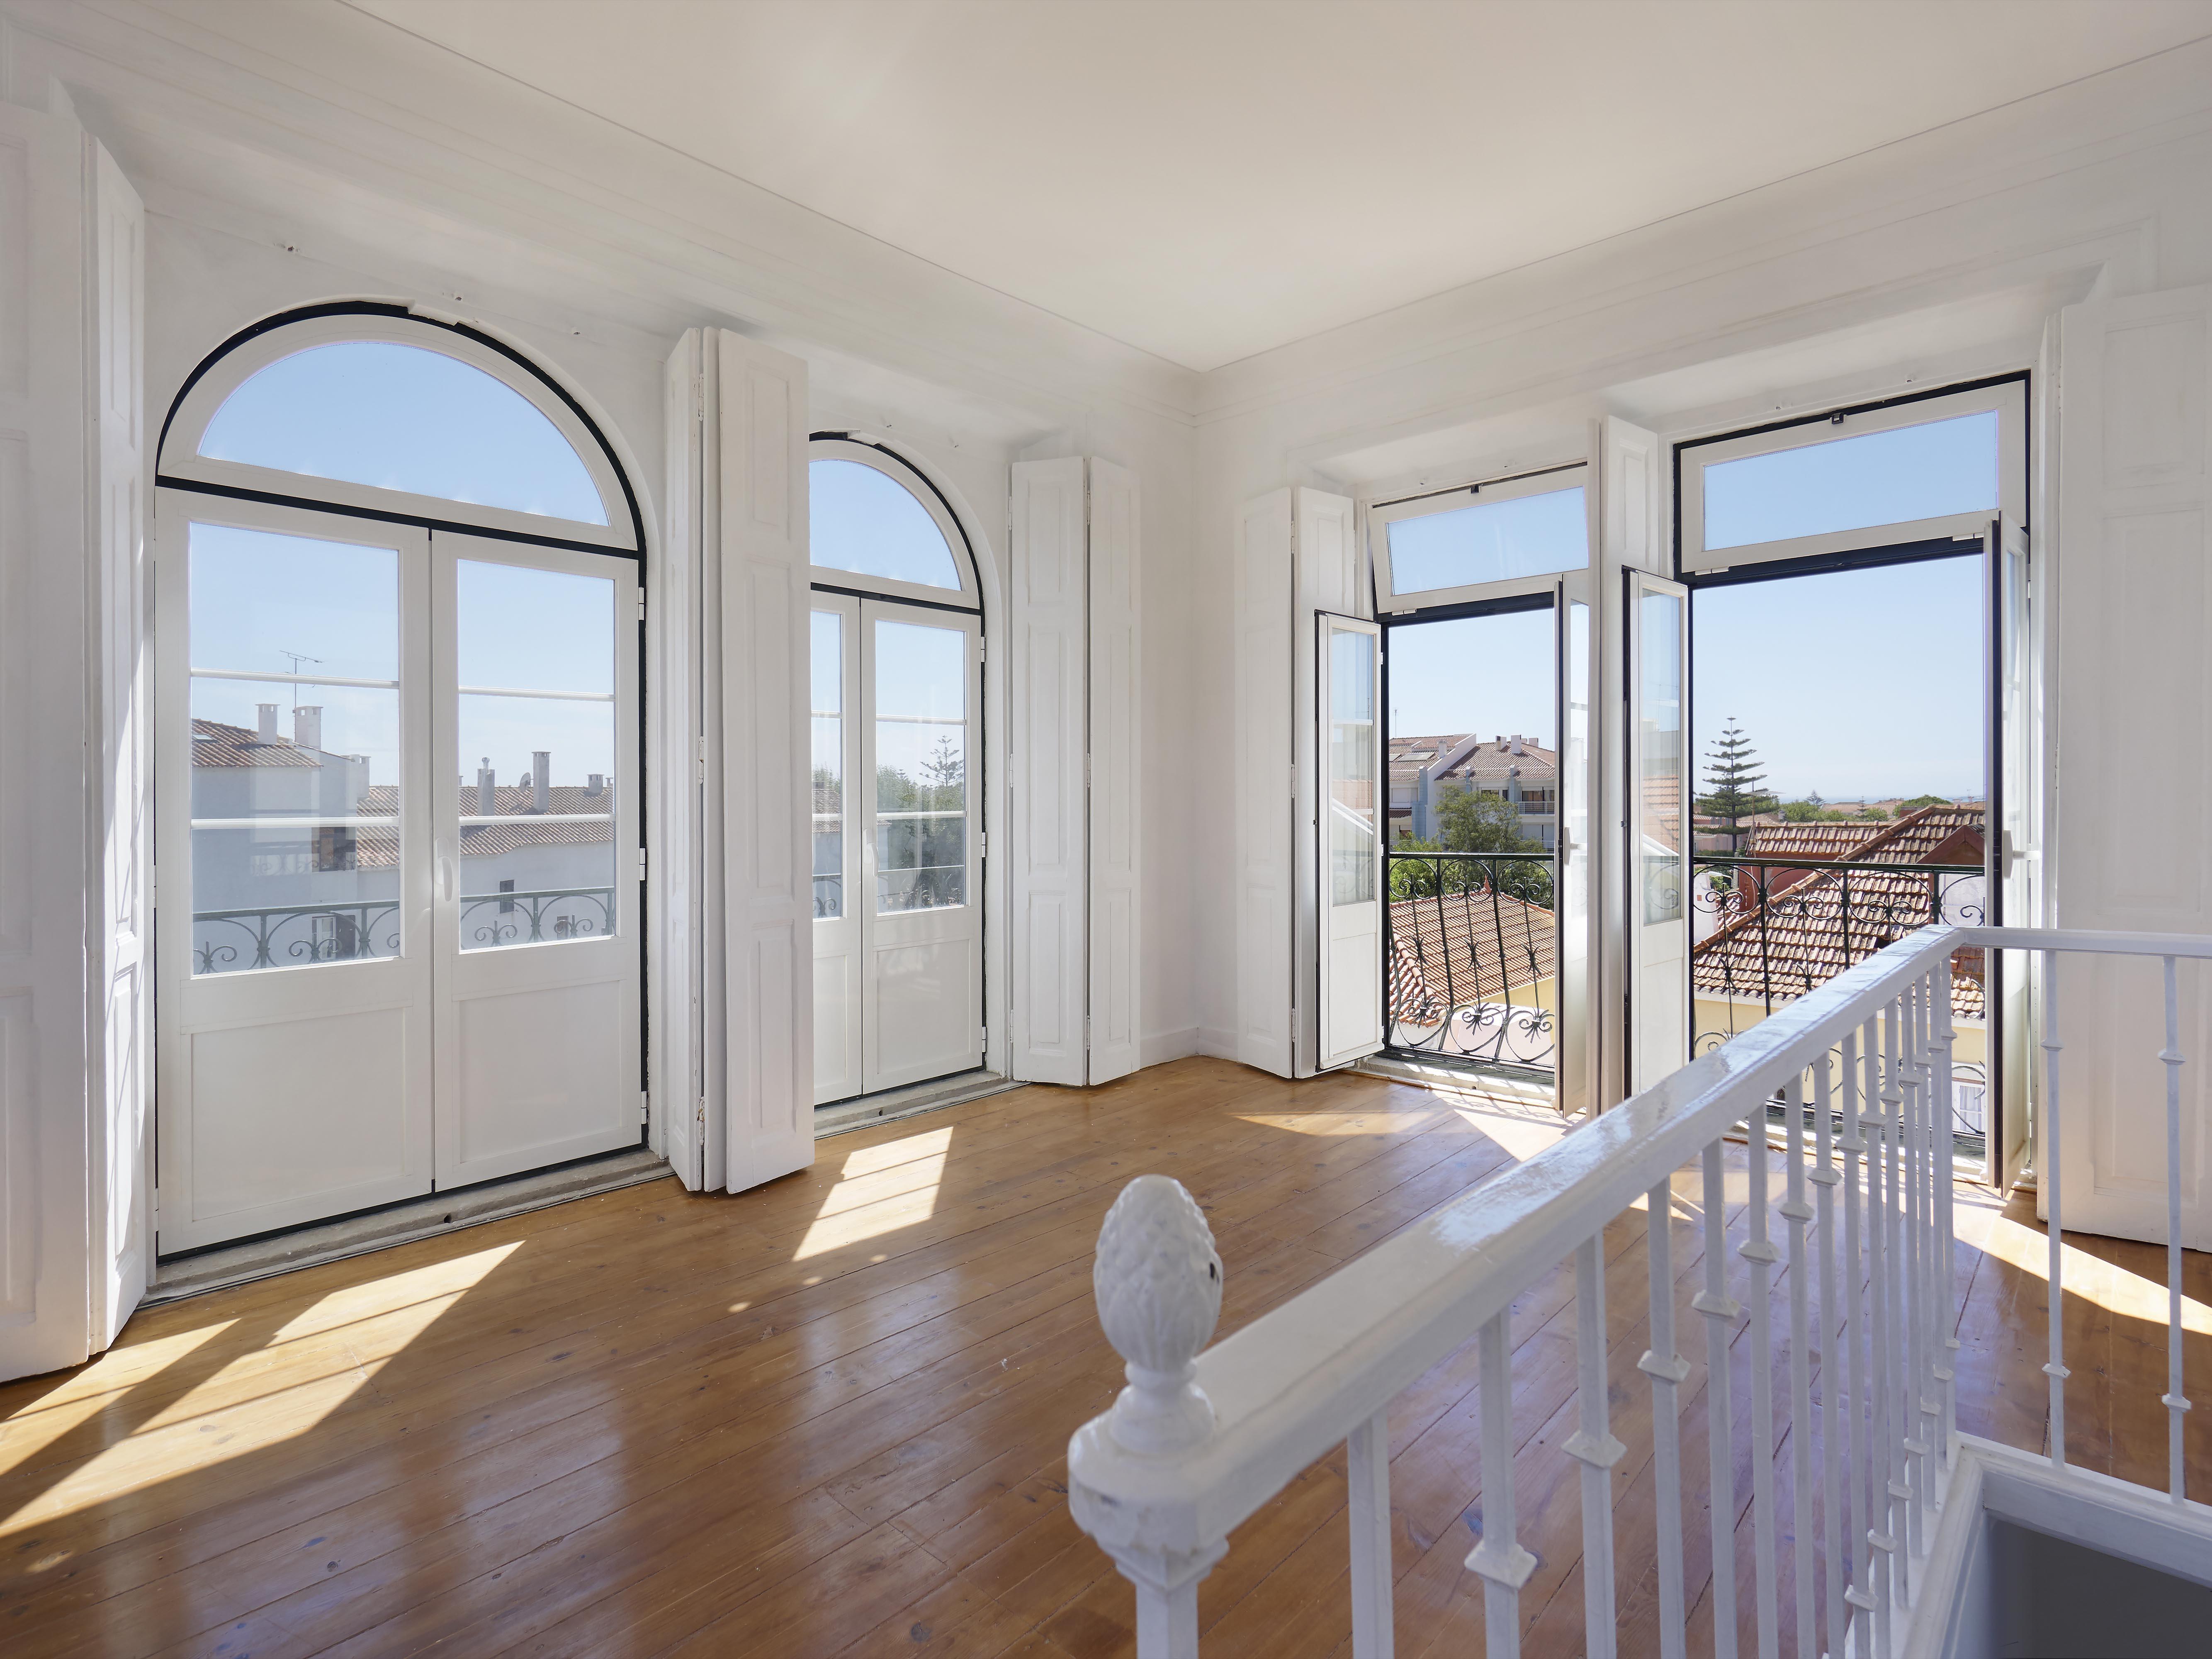 Maison unifamiliale pour l Vente à House, 9 bedrooms, for Sale Cascais, Lisbonne, 2775-293 Portugal